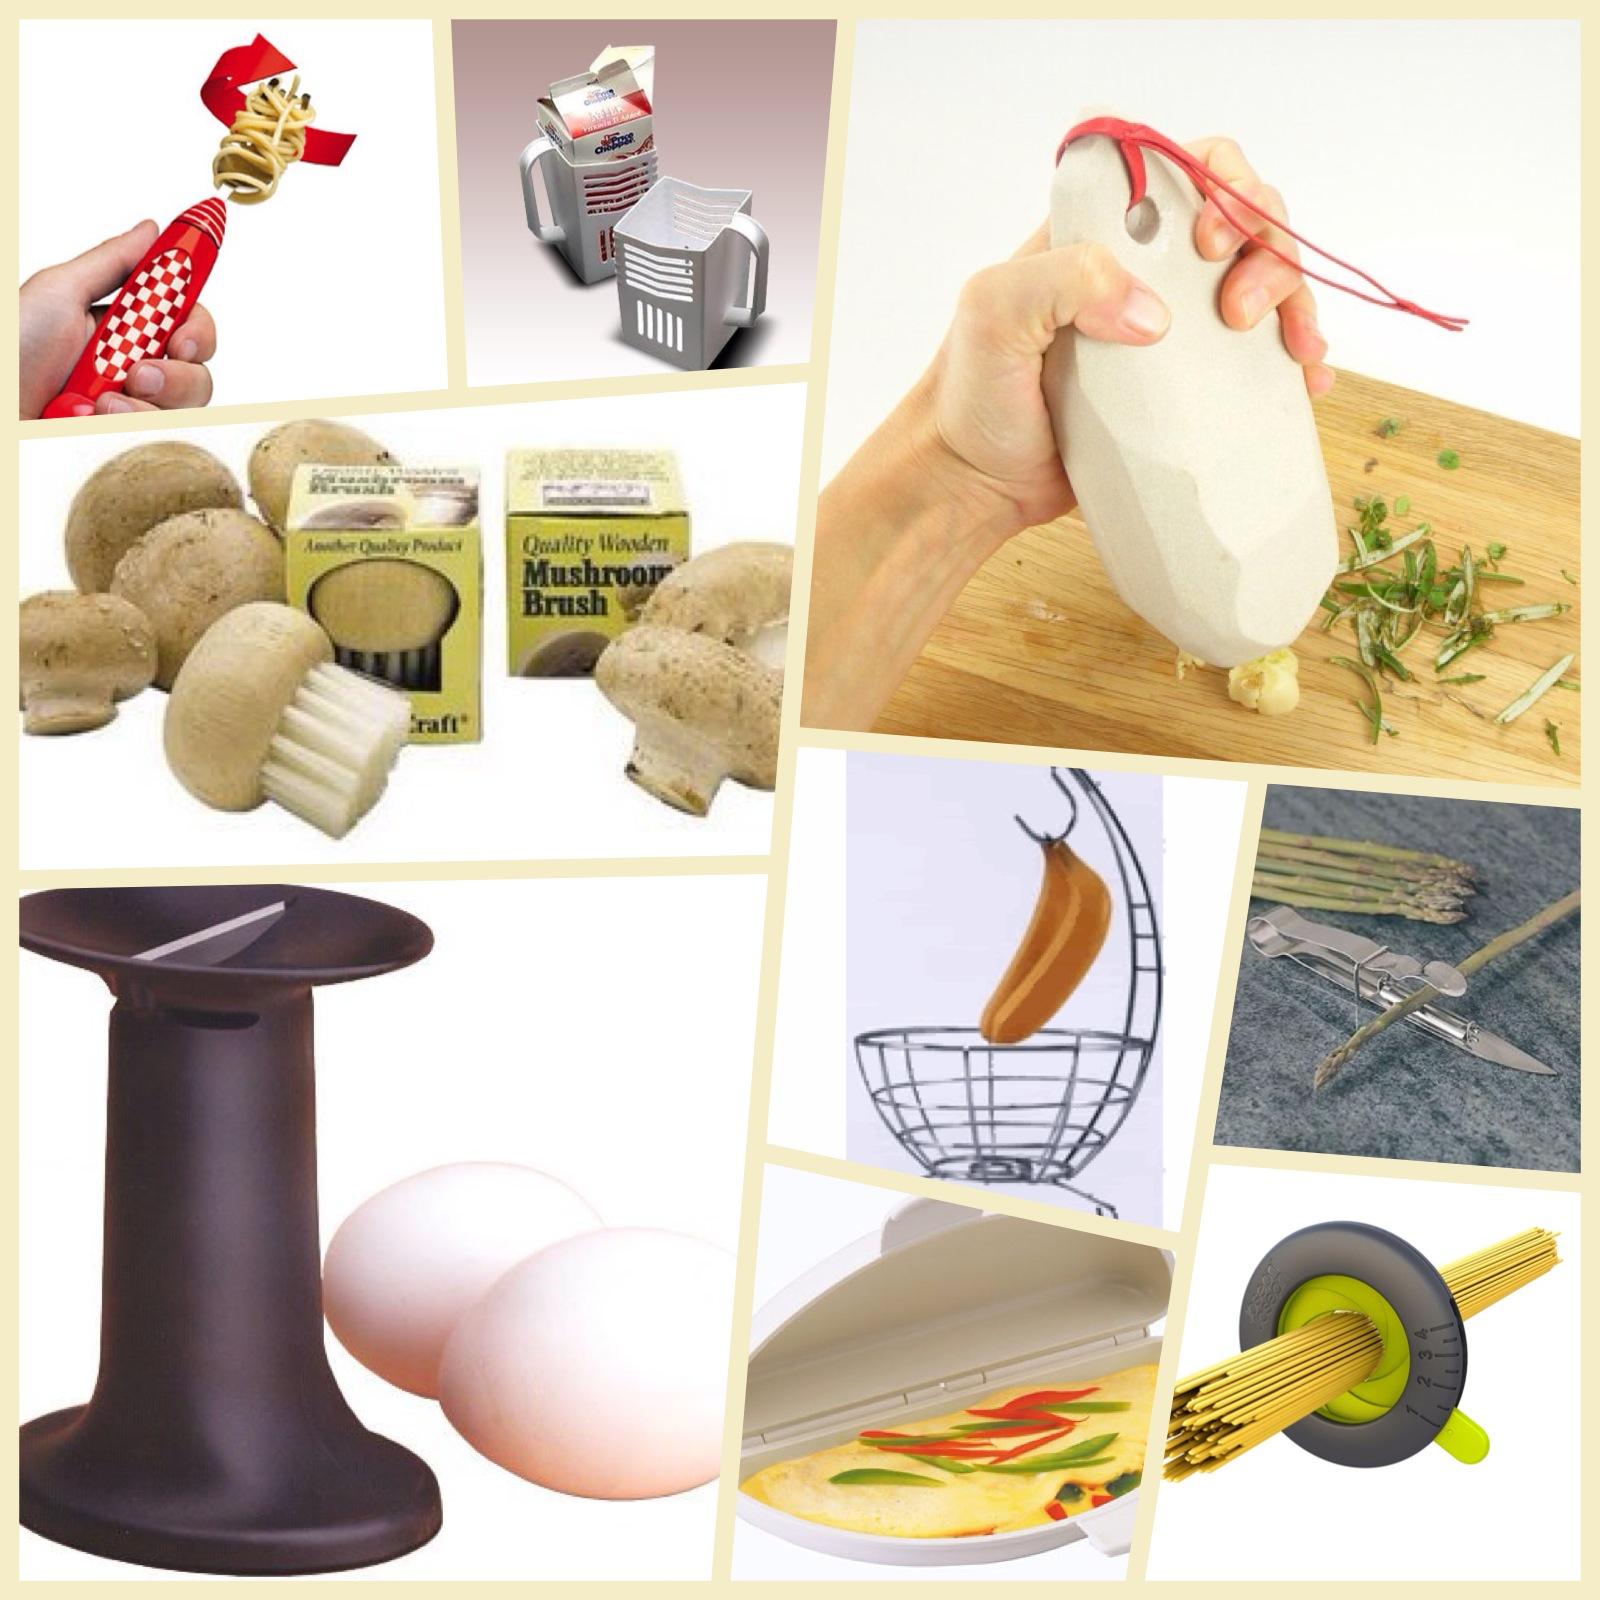 Top 10 Des Gadgets De Cuisine Inutiles Mes Recettes R Ussies